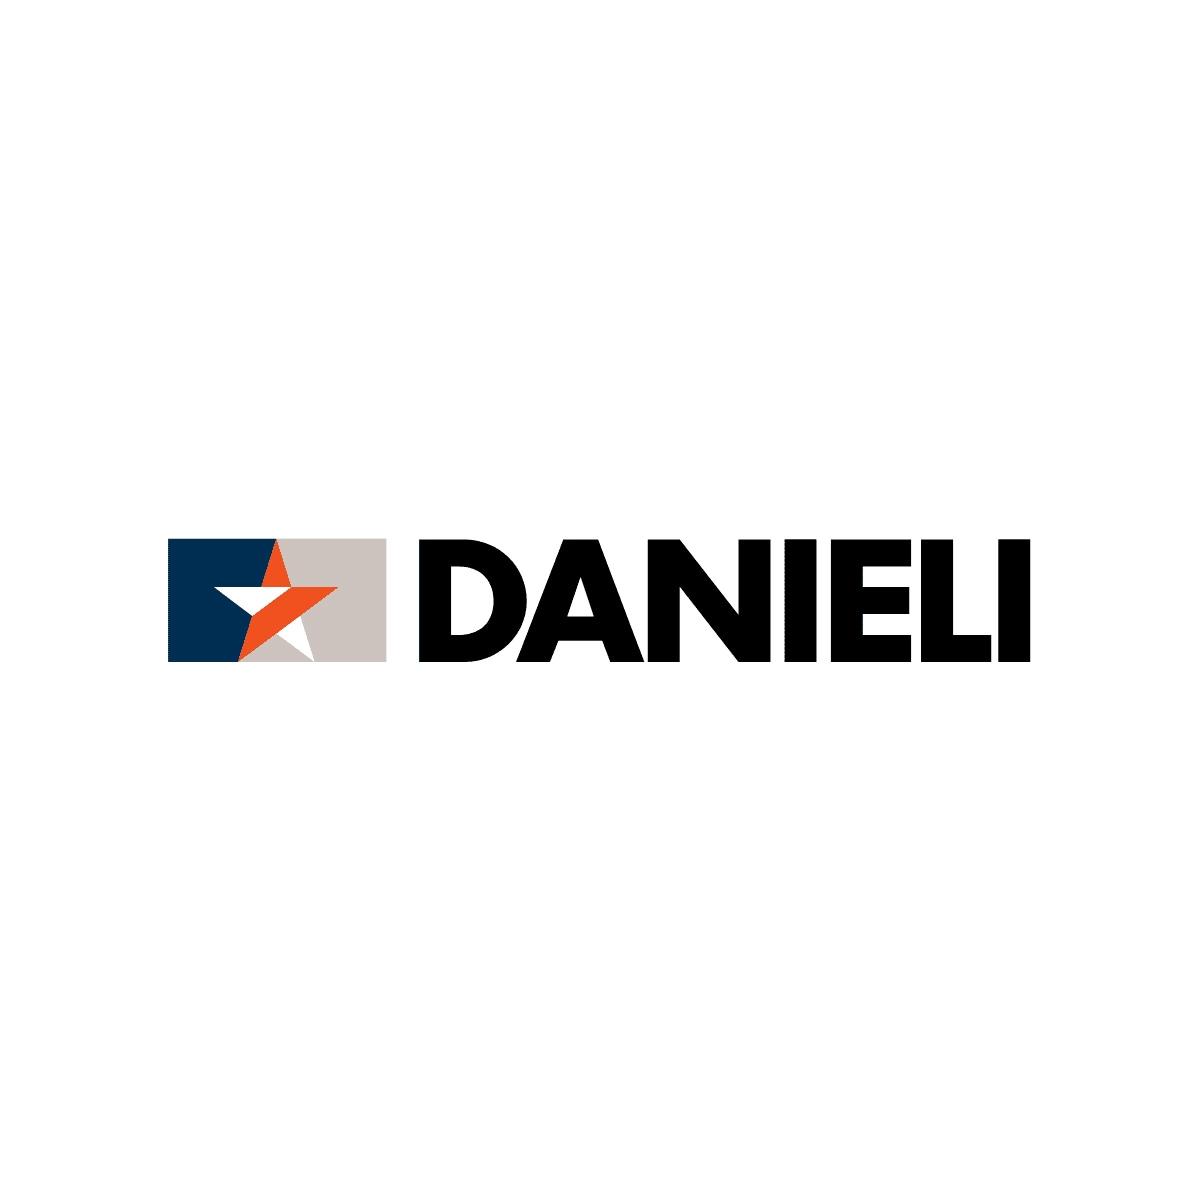 Danieli&C convertirà le azioni di risparmio. Propone dividendo straordinario